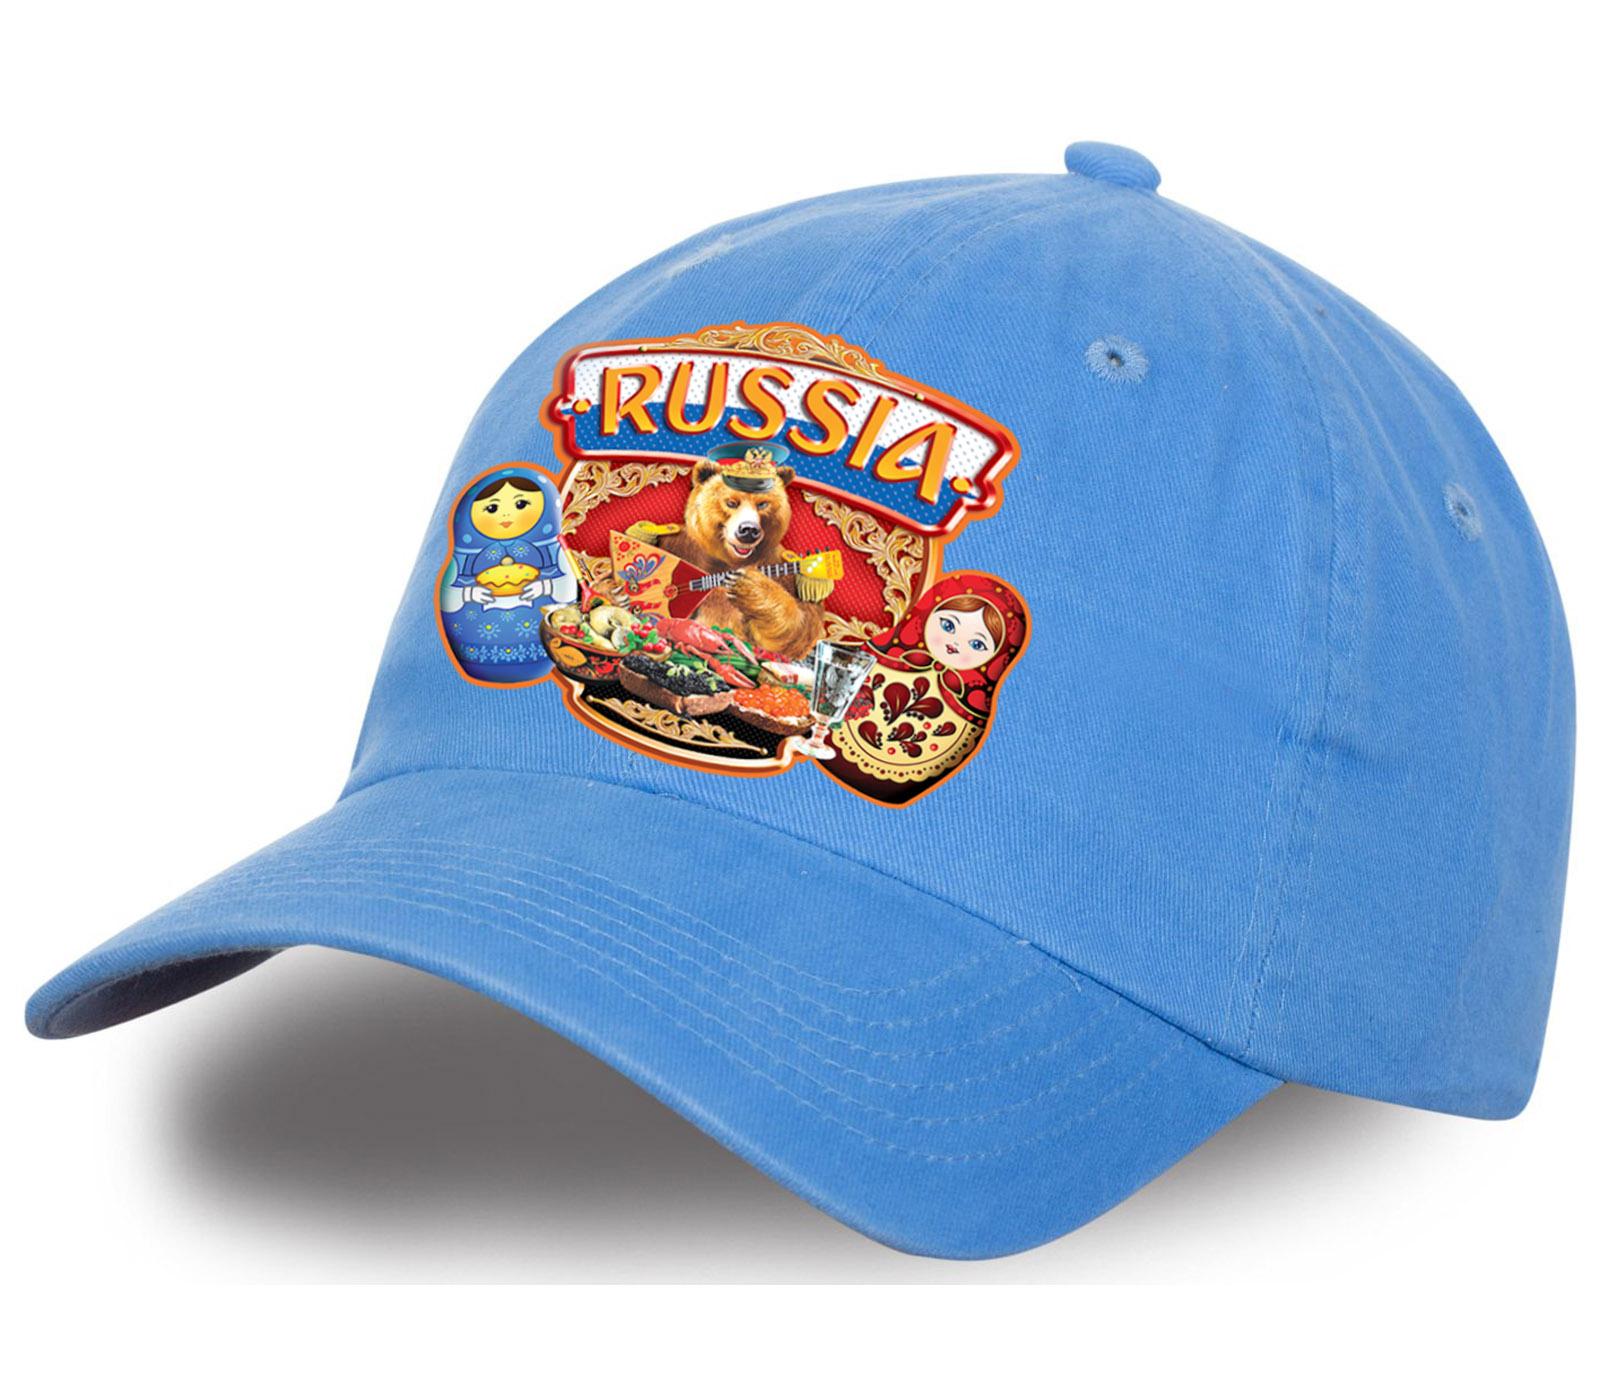 """Яркая бейсболка """"Russia"""" в авторском дизайне. Популярная модель высшего качества. Стильный и практичный головной убор, выбирайте для себя или в подарок!"""